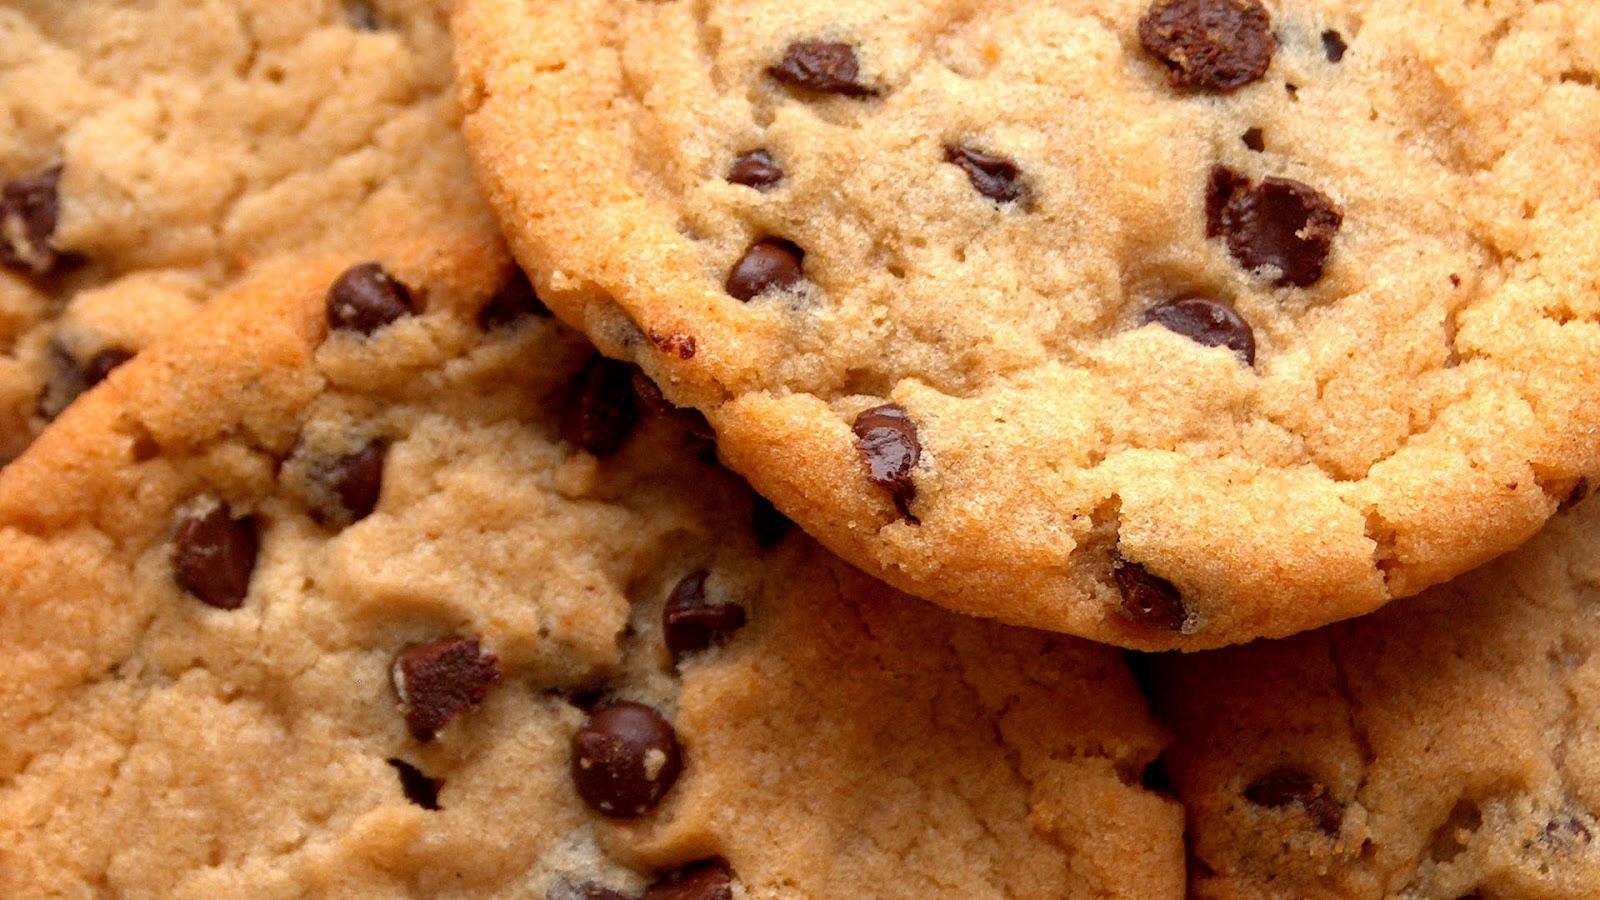 ... chocolate chip cookies met stukjes chocolade een chocolate chip cookie